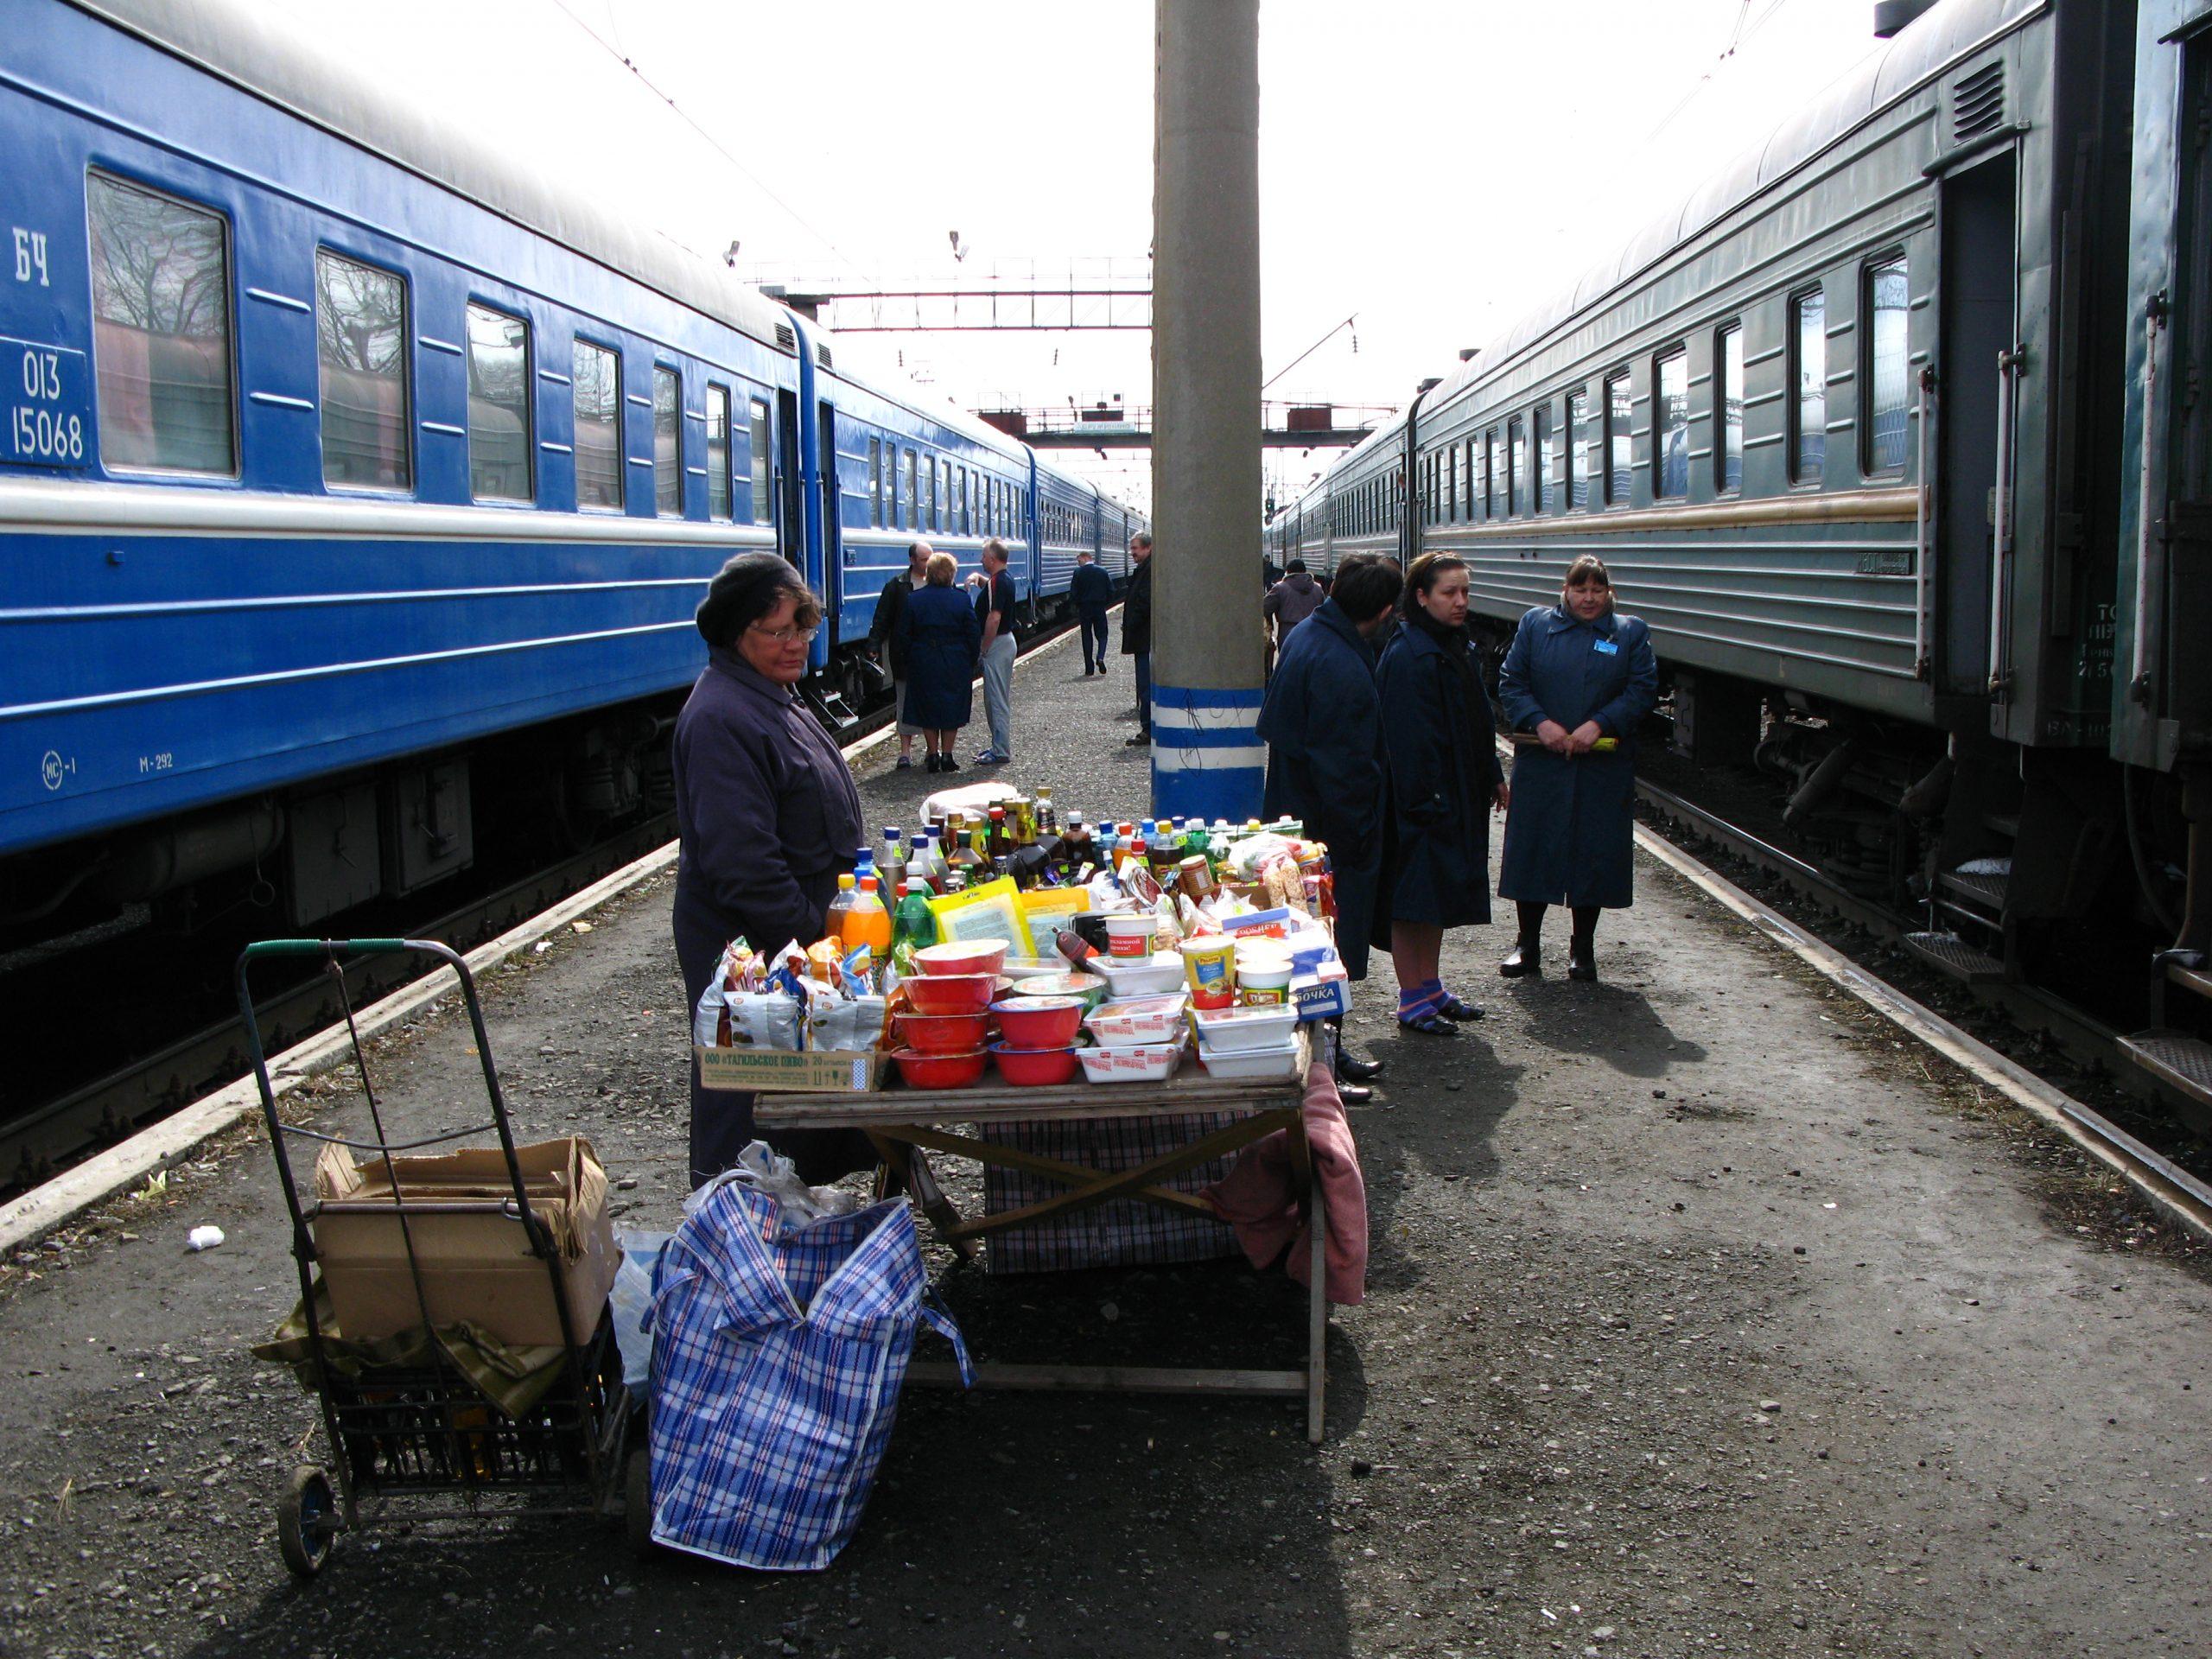 Det nu konkursramte Alt Rejser udbød blandt andet rejser med Den transsibiriske Jernbane. Arkivfoto fra Wikipedia: Petar Milošević.